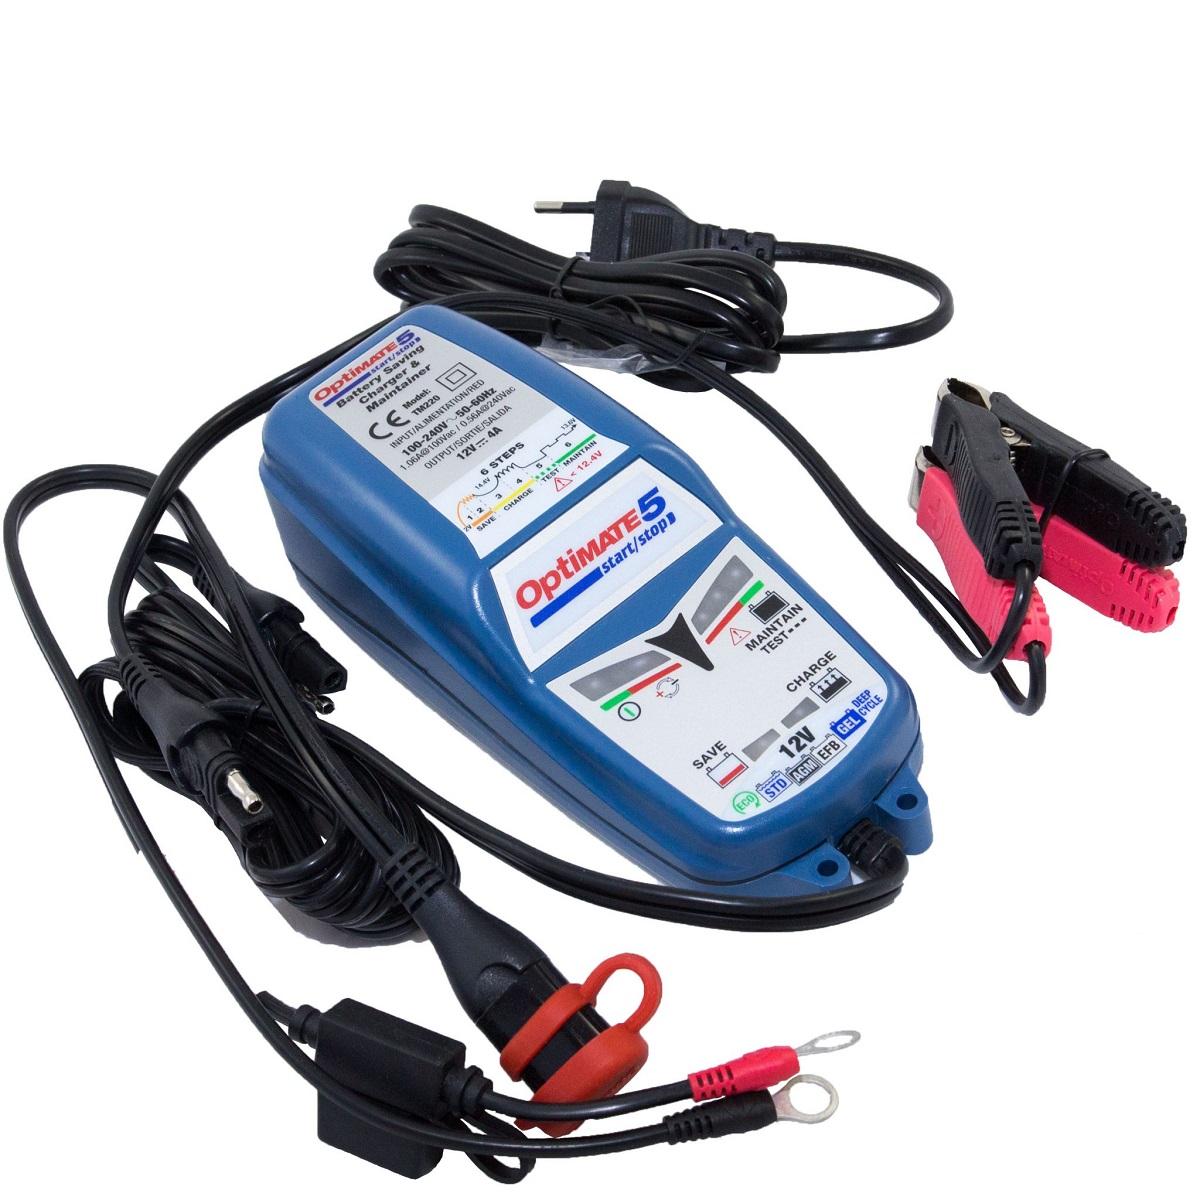 Зарядное устройство OptiMate 5 4А Start-Stop. TM220TM220Многоступенчатое зарядное устройство Optimate от бельгийской компании TecMate с режимами тестирования, восстановления глубокоразряженных аккумуляторных батарей, десульфатации и хранения. Управление полностью автоматическое без кнопок. Заряжает все типы 12В свинцово-кислотных аккумуляторных батарей, в т.ч. AGM, GEL. Защита от короткого замыкания, переполюсовки, искрообразования, перегрева. Оптимизирует срок службы и здоровье аккумуляторной батареи. Гарантия 3 года (замена на новое изделие).Влагозащищенный корпус.Рекомендовано 10-ю ведущими производителями мототехники. Optimate 5 рекомендуется для АКБ от 15 Ач до 192 Ач. Ток заряда 4,0 А. Старт зарядки АКБ от 2 В. Температурный режим от -20°С до +40°С. В комплект устройства входят аксессуары O11 кольцевой разъем постоянного подключения и O4 зажимы типа крокодил.